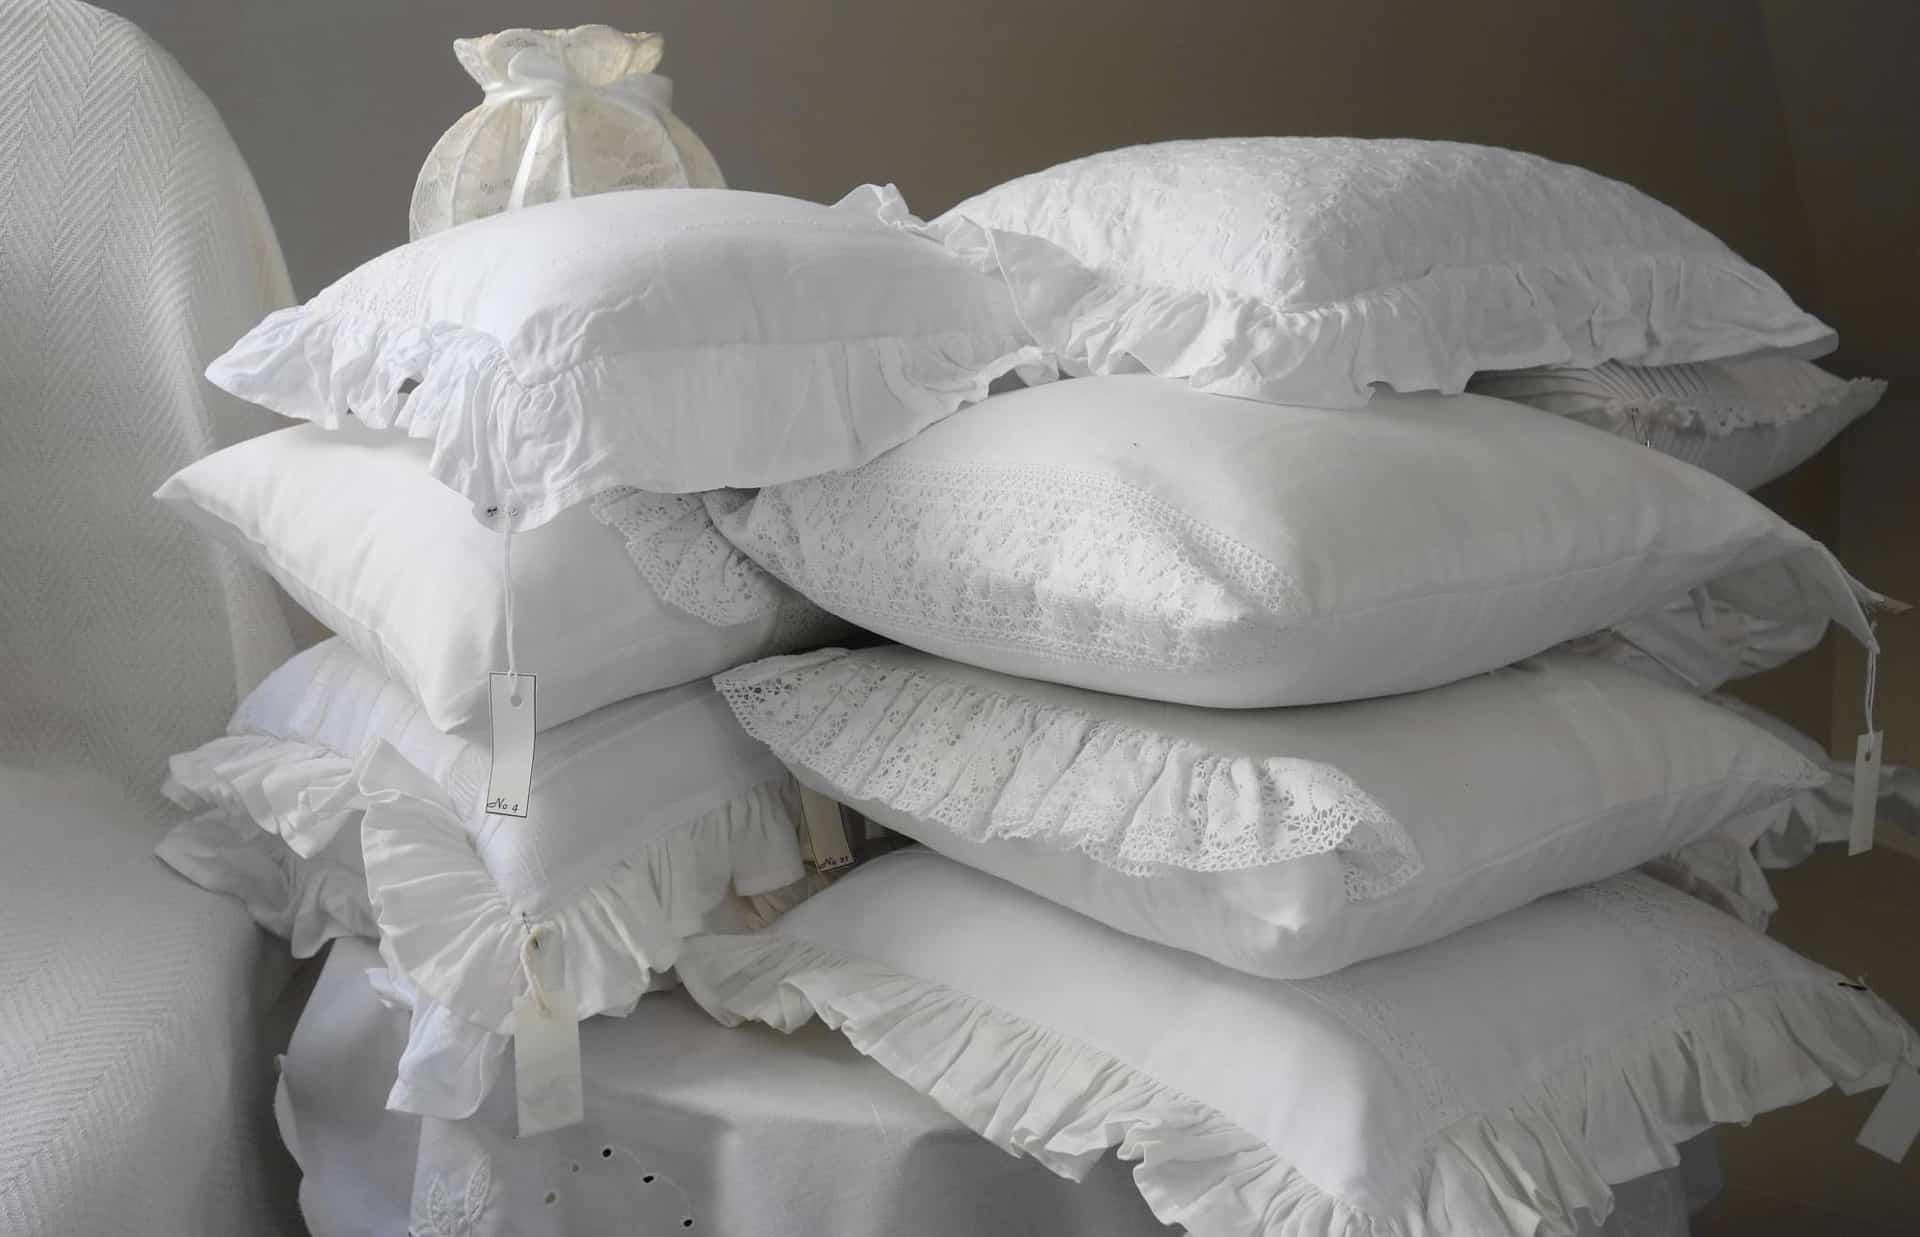 Imagem mostra uma pilha grande de travesseiros em fronhas brancas.